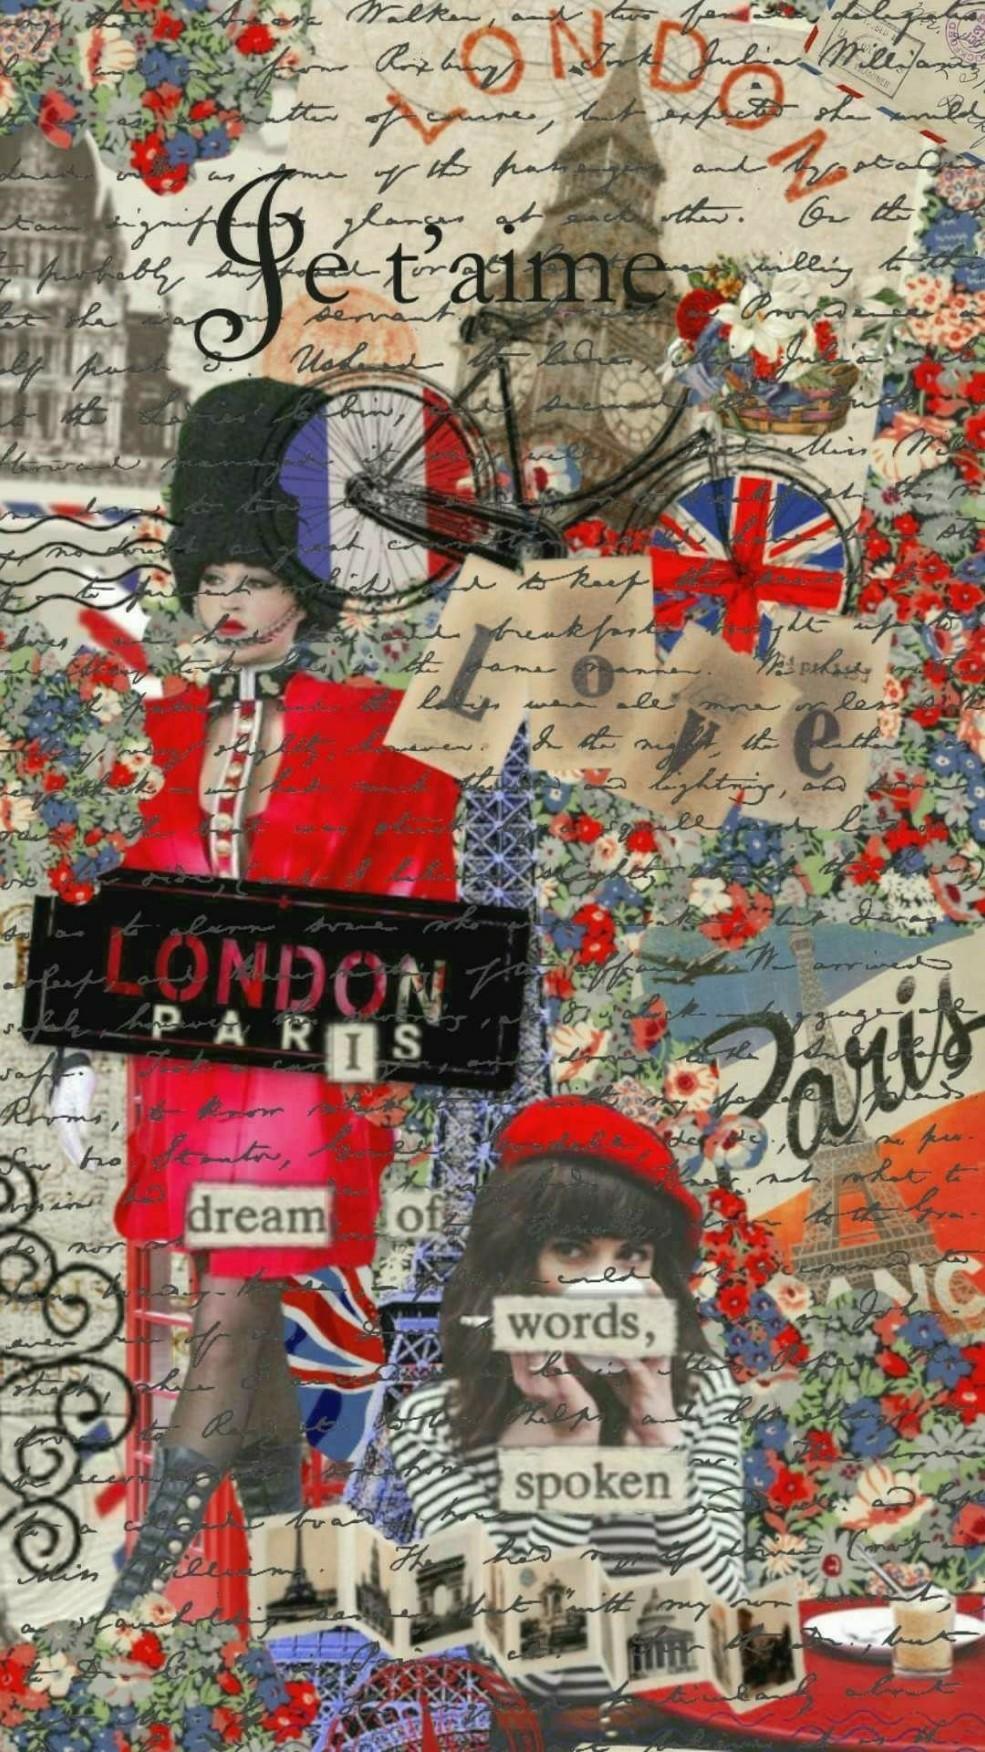 London to Paris mailing letters